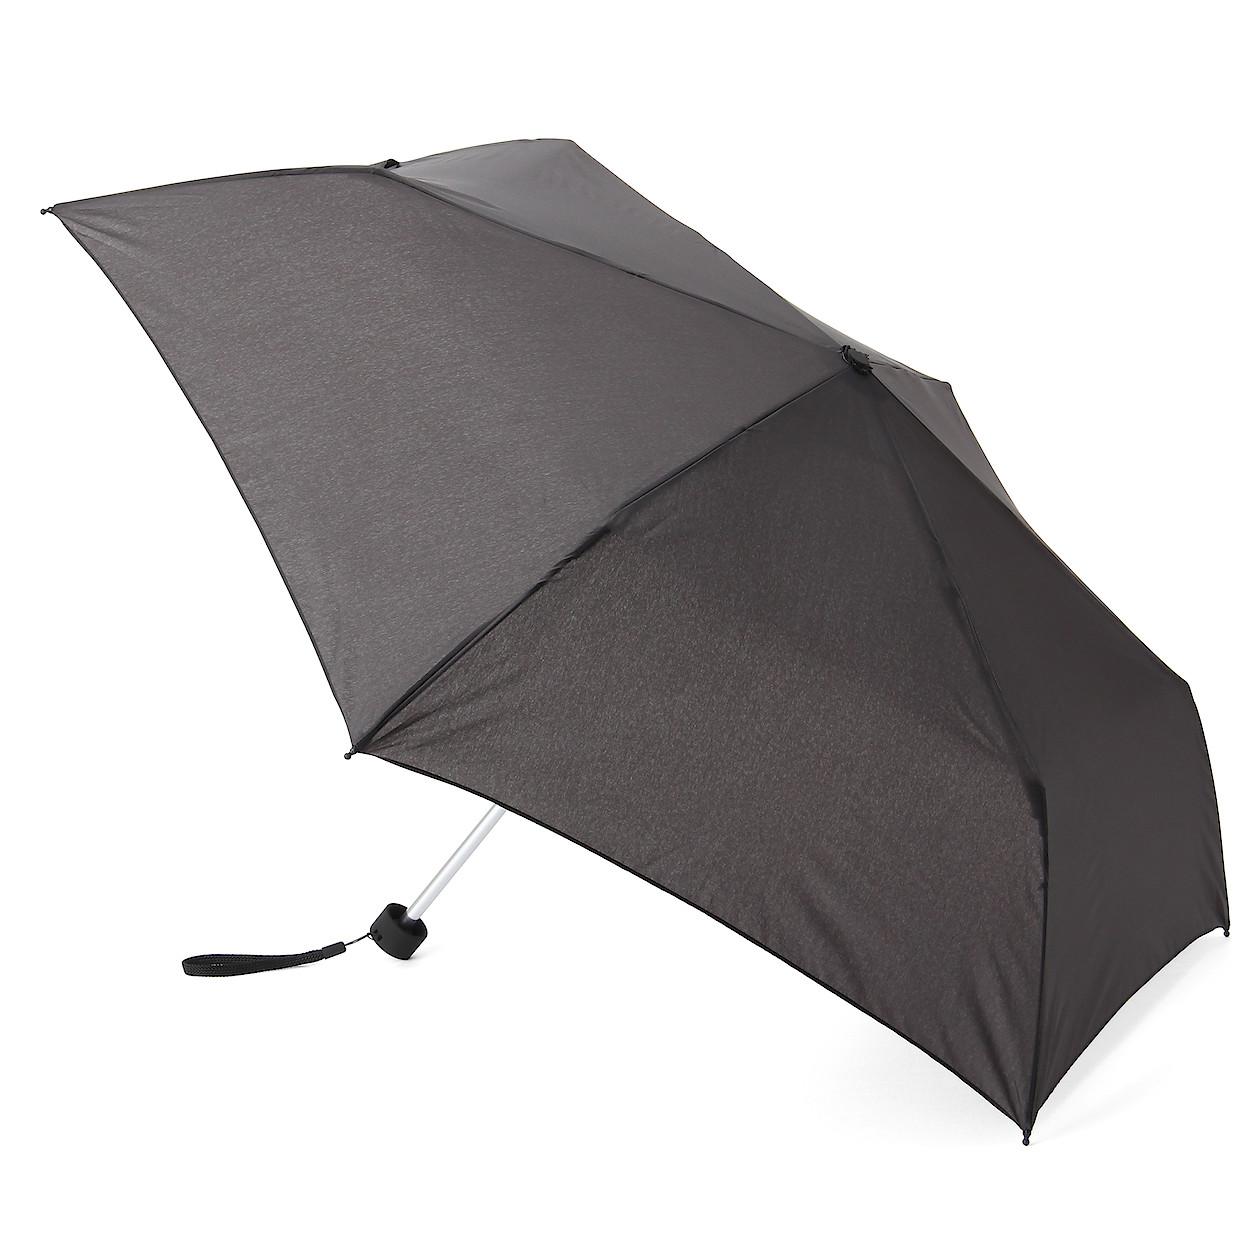 無印良品(MUJI) 晴雨兼用 軽量 折りたたみ傘の商品画像